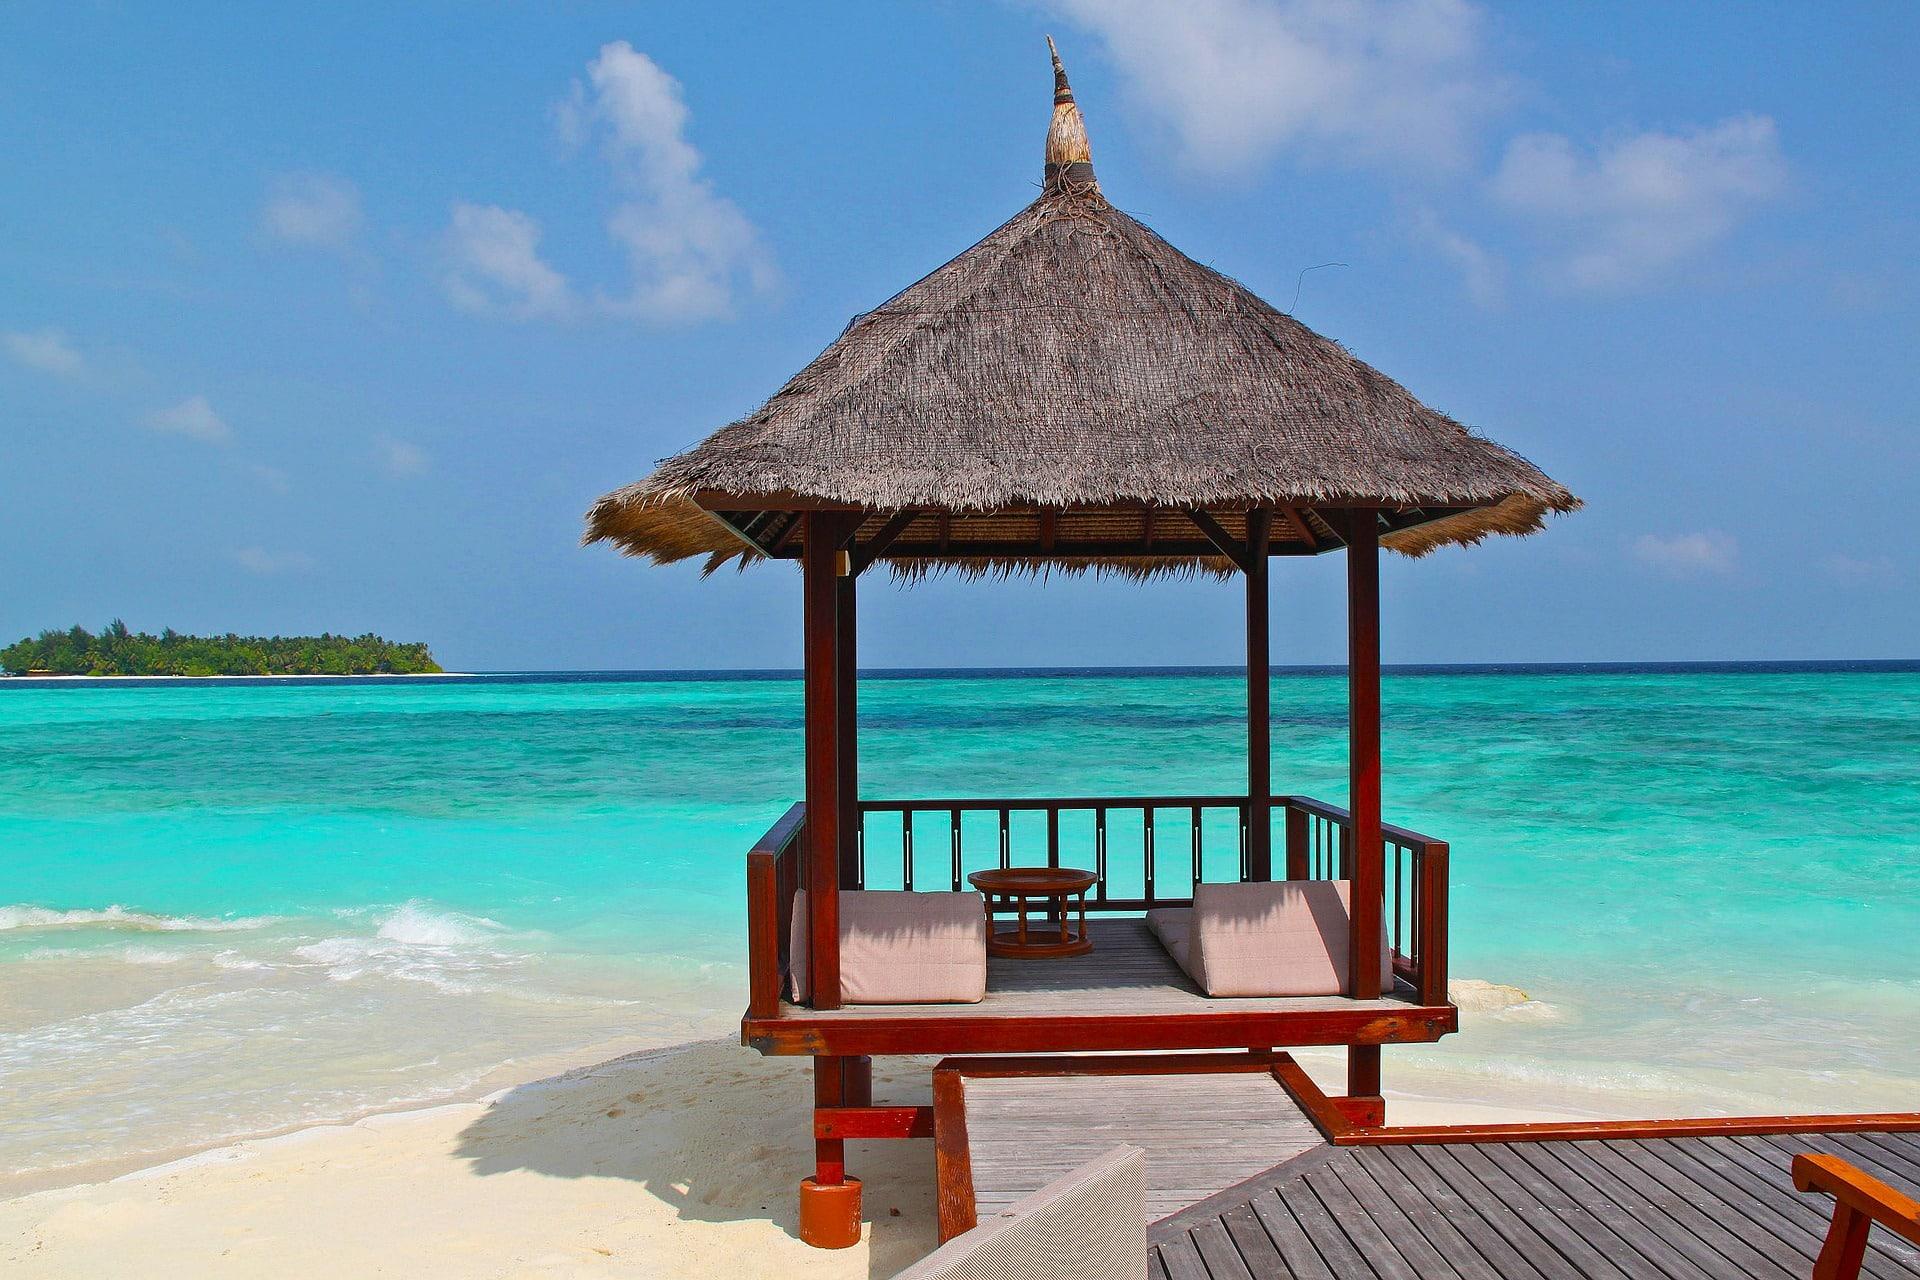 Un cabanon de plage aux Maldives.